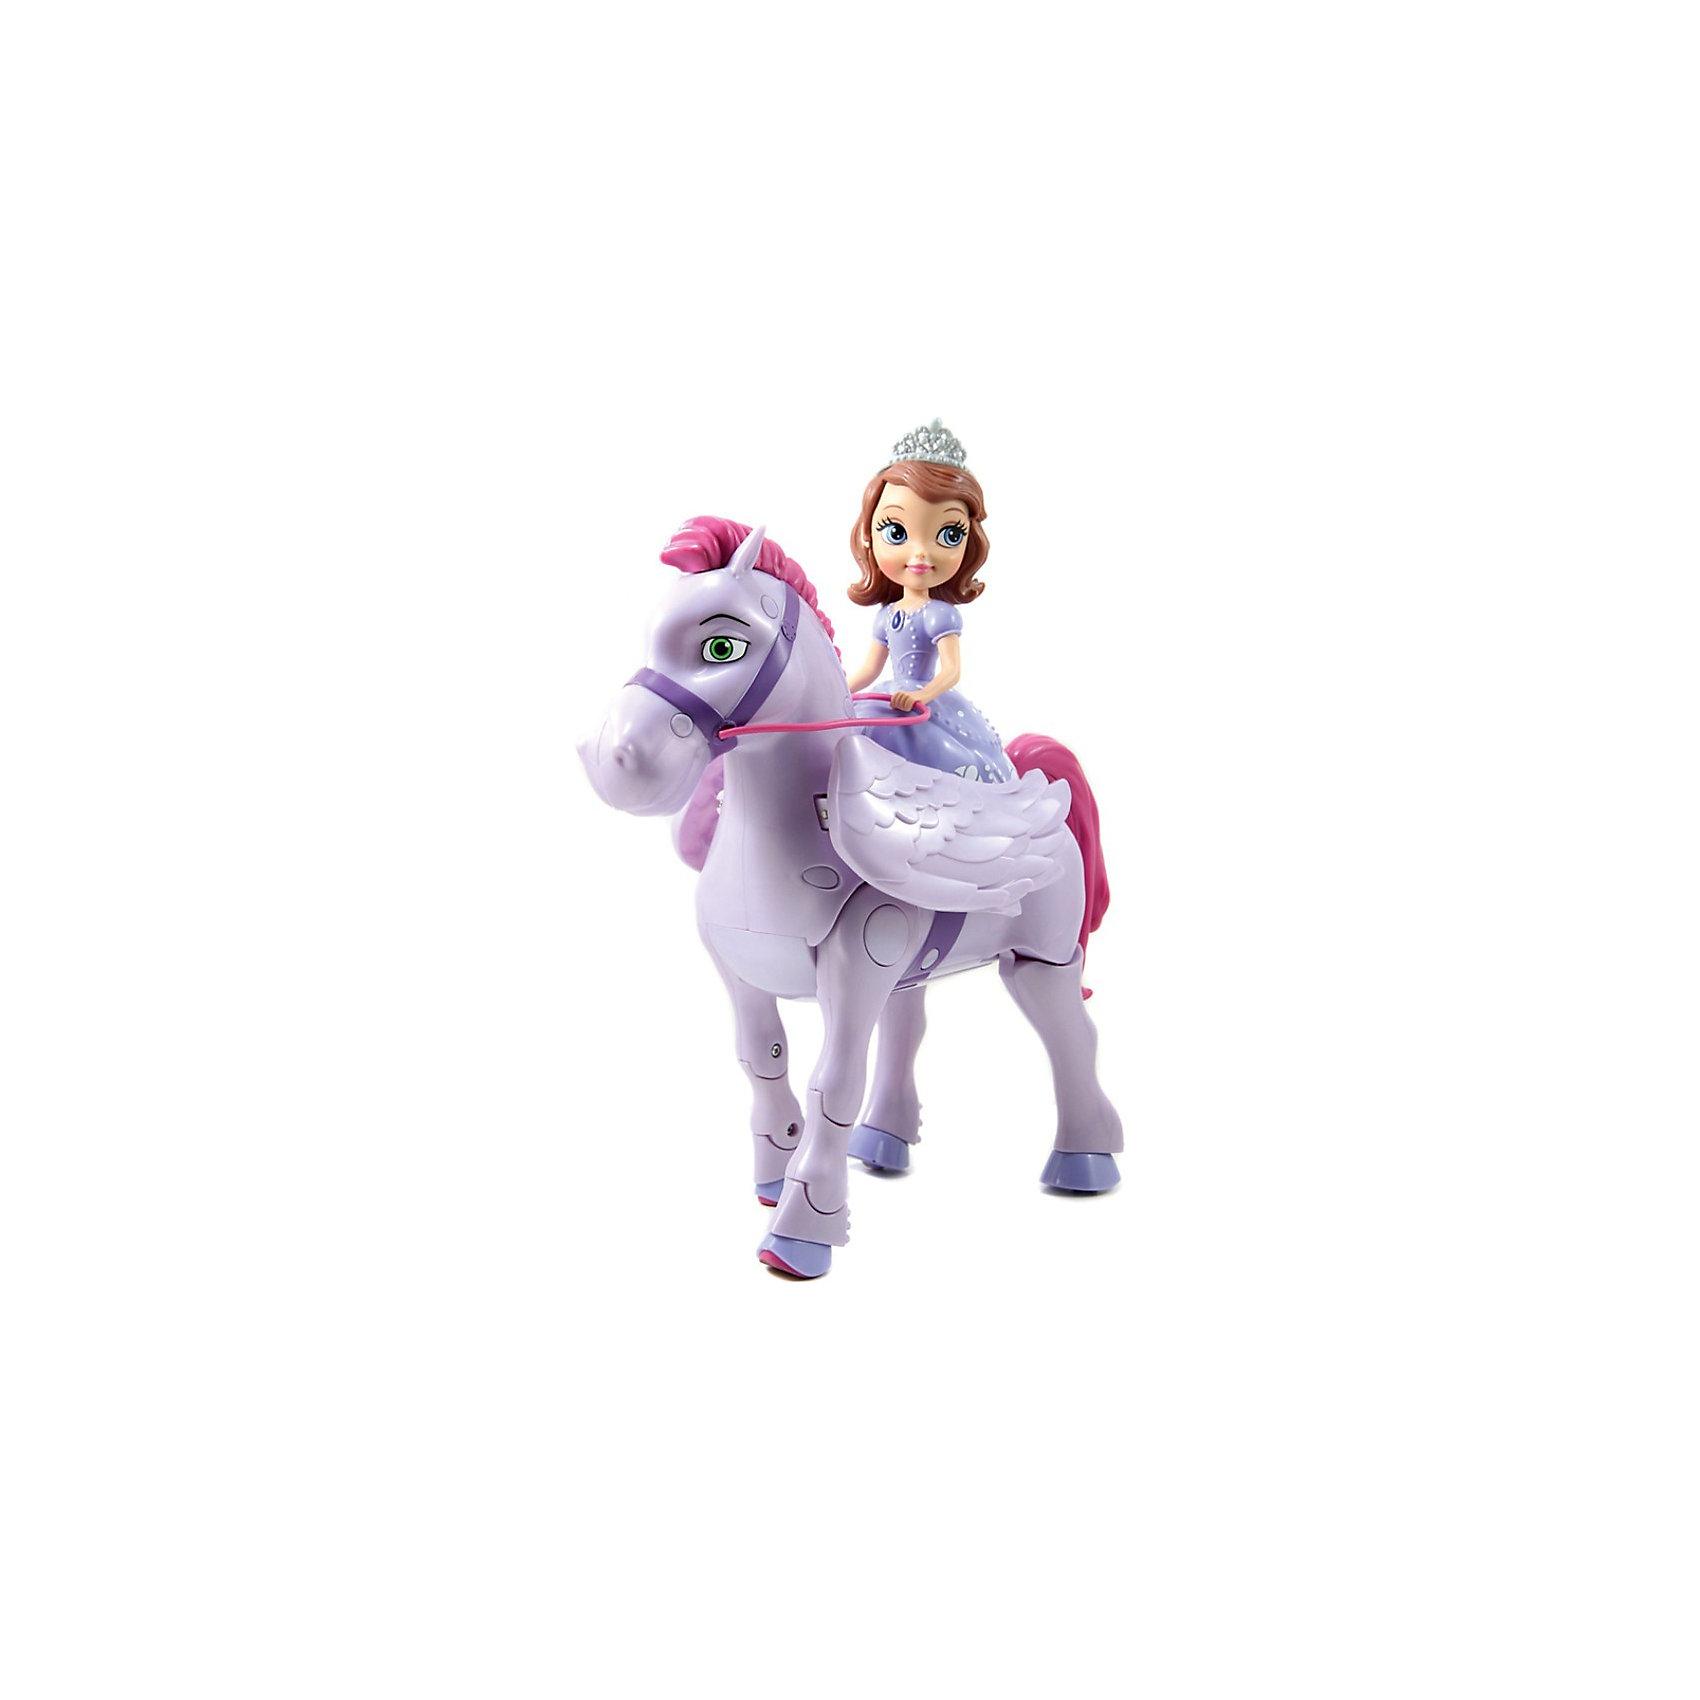 Игровой набор София Прекрасная и крылатый конь Минимус,  р/уПринцесса София Прекрасная из одноименного мультфильма кинокомпании Дисней обожает животных, У нее есть верный друг - конь по имени Минимус - волшебный конь-пегас с большими красивые крылья. <br>Радиоуправляемая игрушка-конь двигается вперед по кругу, сгибая и переставляя передние ноги и передвигая задними, имитируя движения лошади, машет крыльями, поворачивает направо и налево. При нажатии соответствующей кнопки на пульте управления раздается веселый смех принцессы Софии. <br><br>Дополнительная информация:<br><br>В наборе: пульт управления (работает от 2 АА батареек), фигурка коня (работает от 4 АА батареек) и Софии Прекрасной (несъемная). Батарейки в комплект не входят<br>Размер игрушки: 25,5 х 11,5 х 15,5 см.<br>Размер упаковки: 30,5 х 22,8 х 12,7 см.<br><br>Игровой набор София Прекрасная и крылатый конь Минимус,  р/у можно купить в нашем магазине.<br><br>Ширина мм: 305<br>Глубина мм: 228<br>Высота мм: 127<br>Вес г: 1200<br>Возраст от месяцев: 48<br>Возраст до месяцев: 120<br>Пол: Женский<br>Возраст: Детский<br>SKU: 3856592